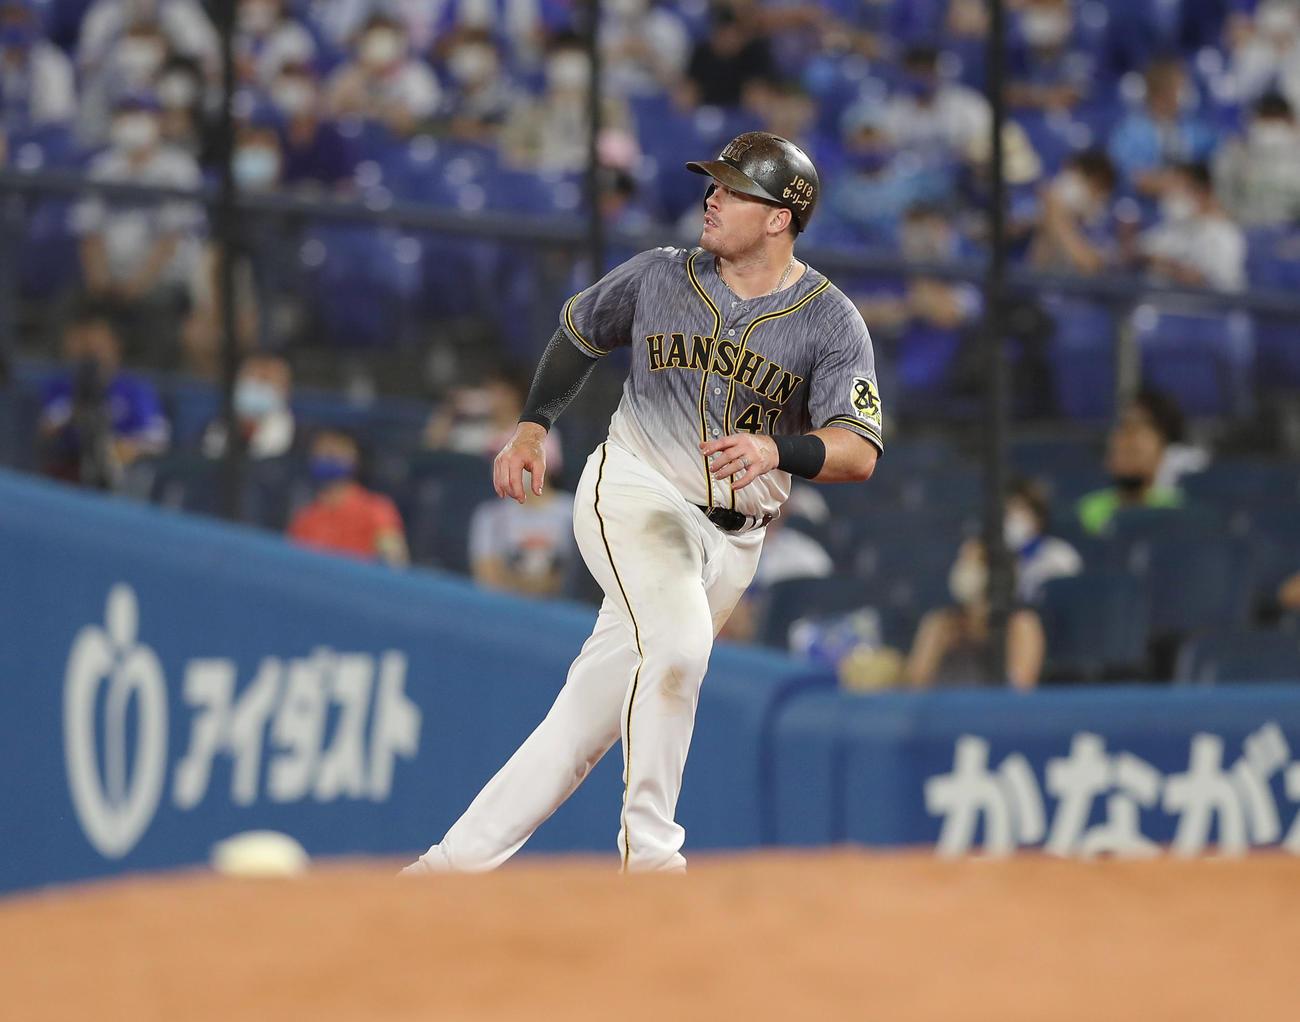 DeNA対阪神 9回表阪神無死、右越え安打を放つも二塁には行けないボーア(撮影・前田充)